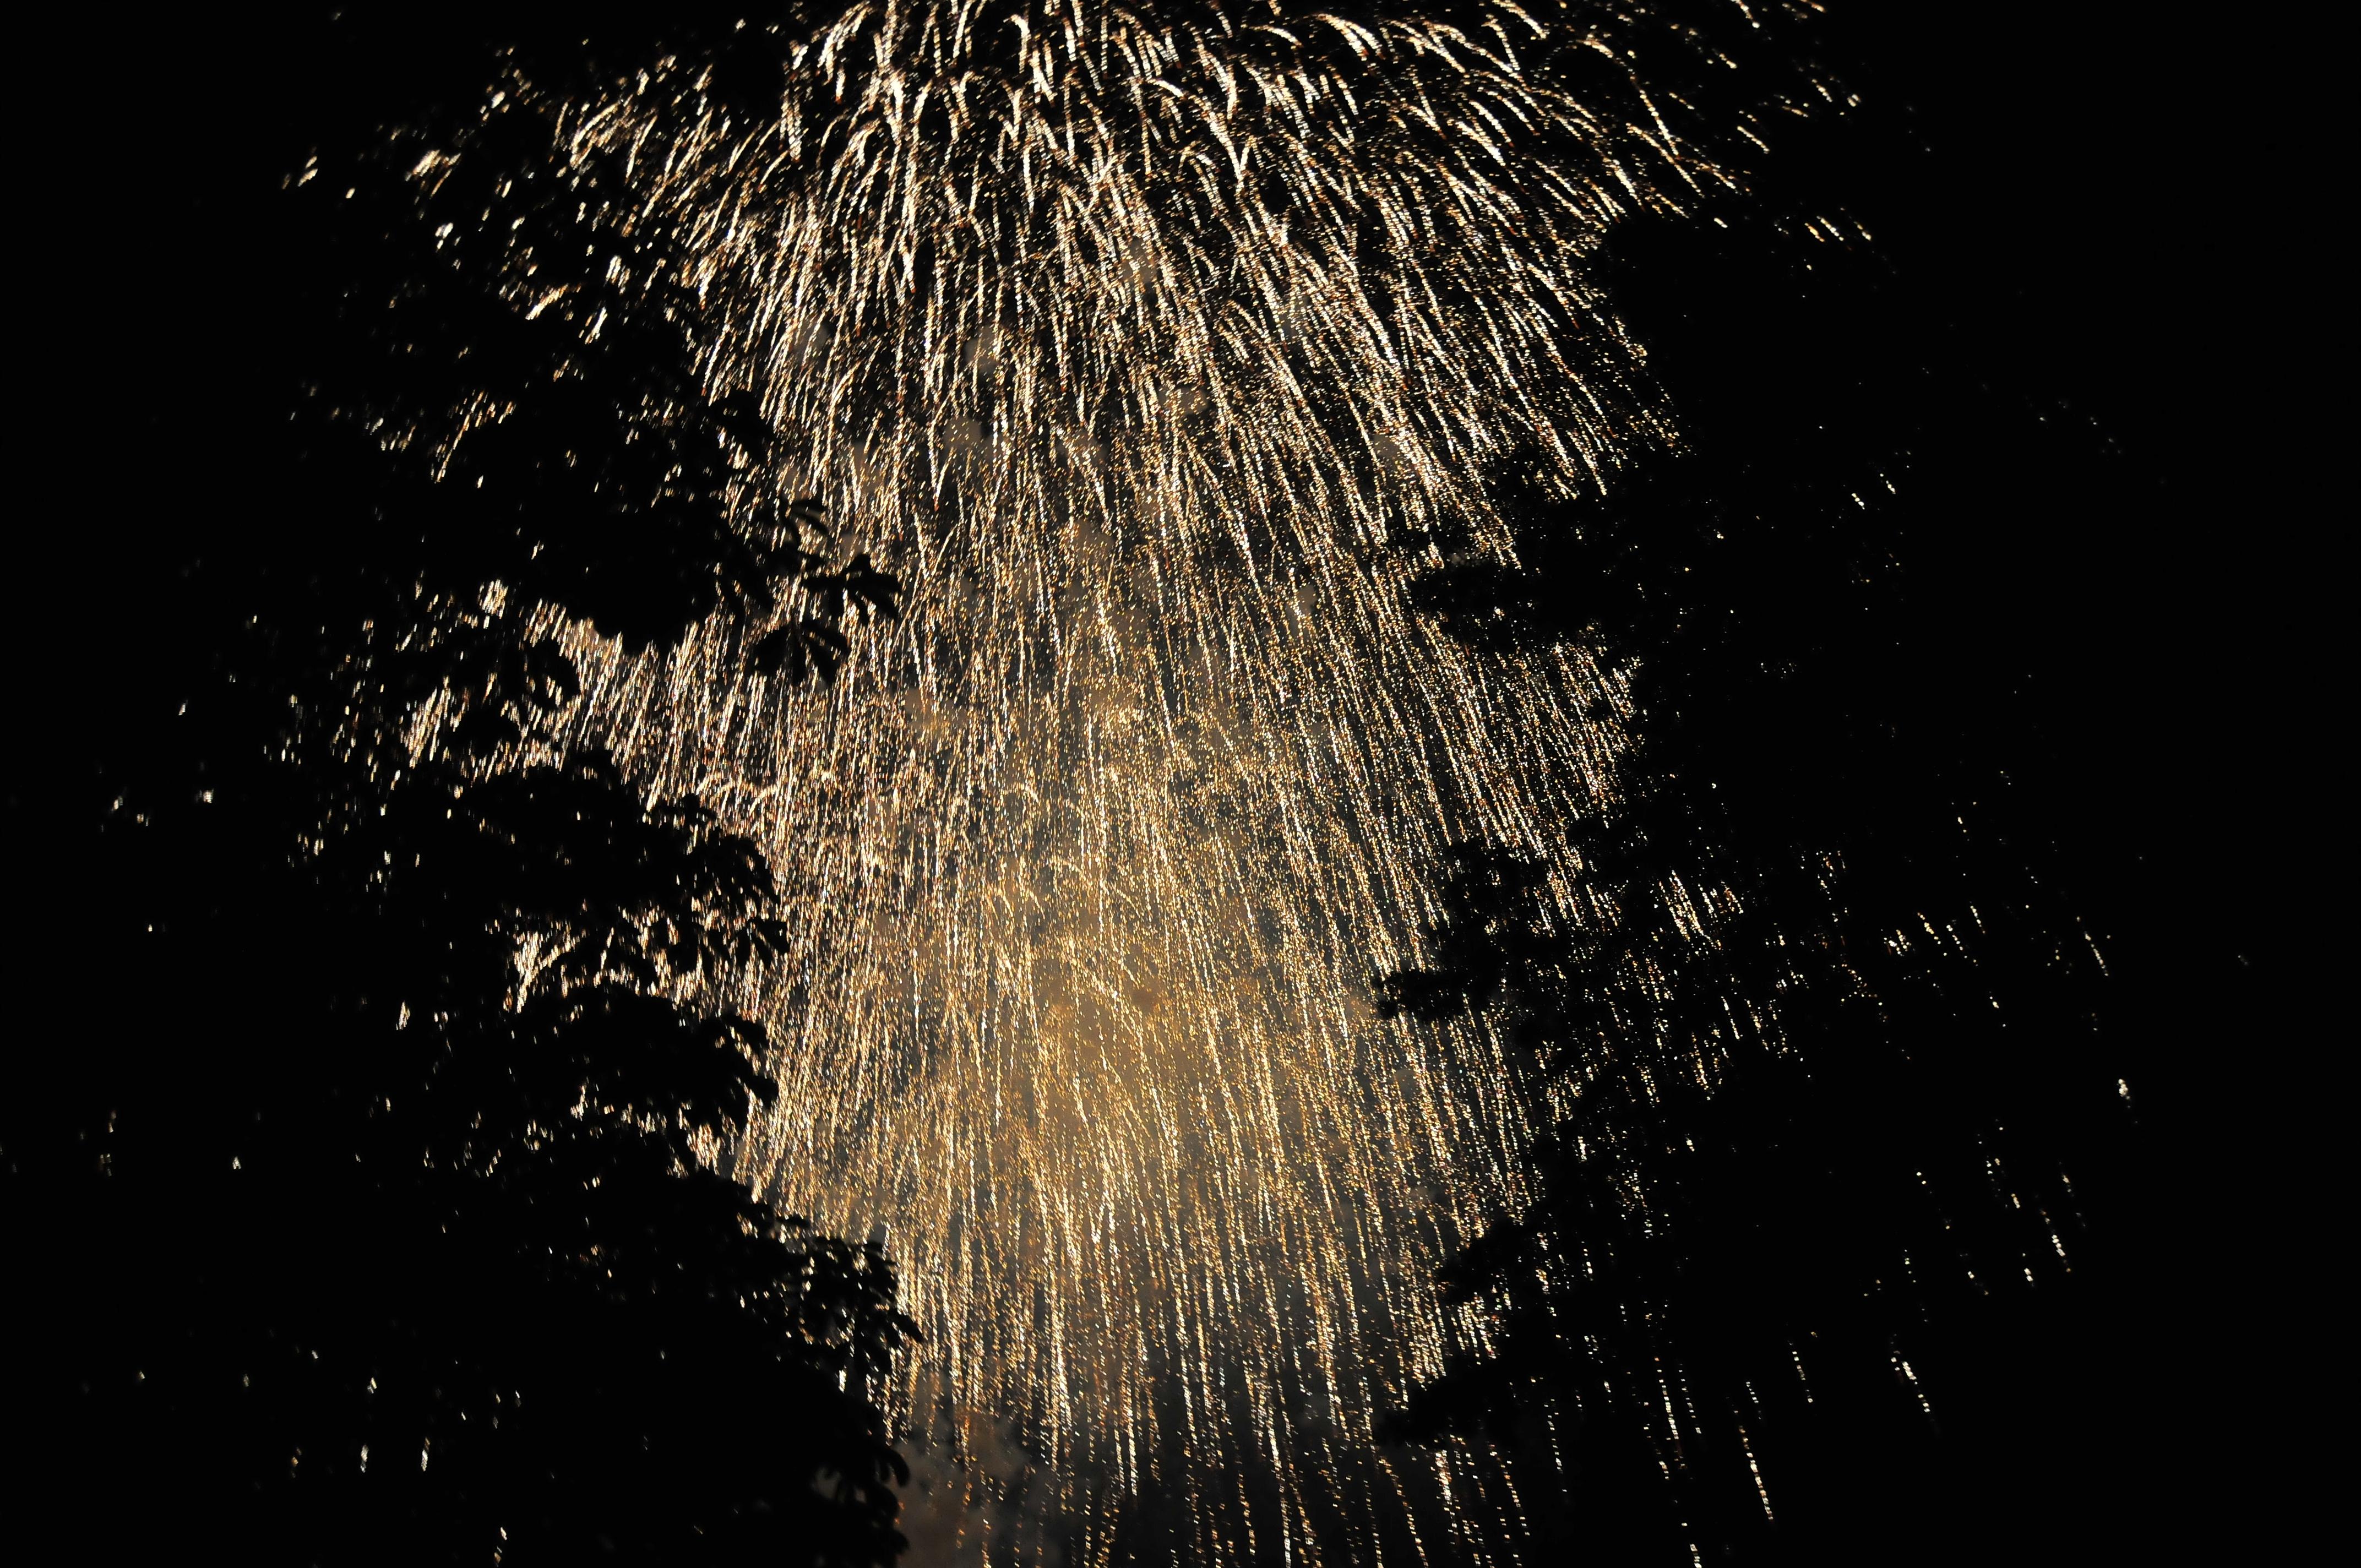 Woodbridge Fireworks